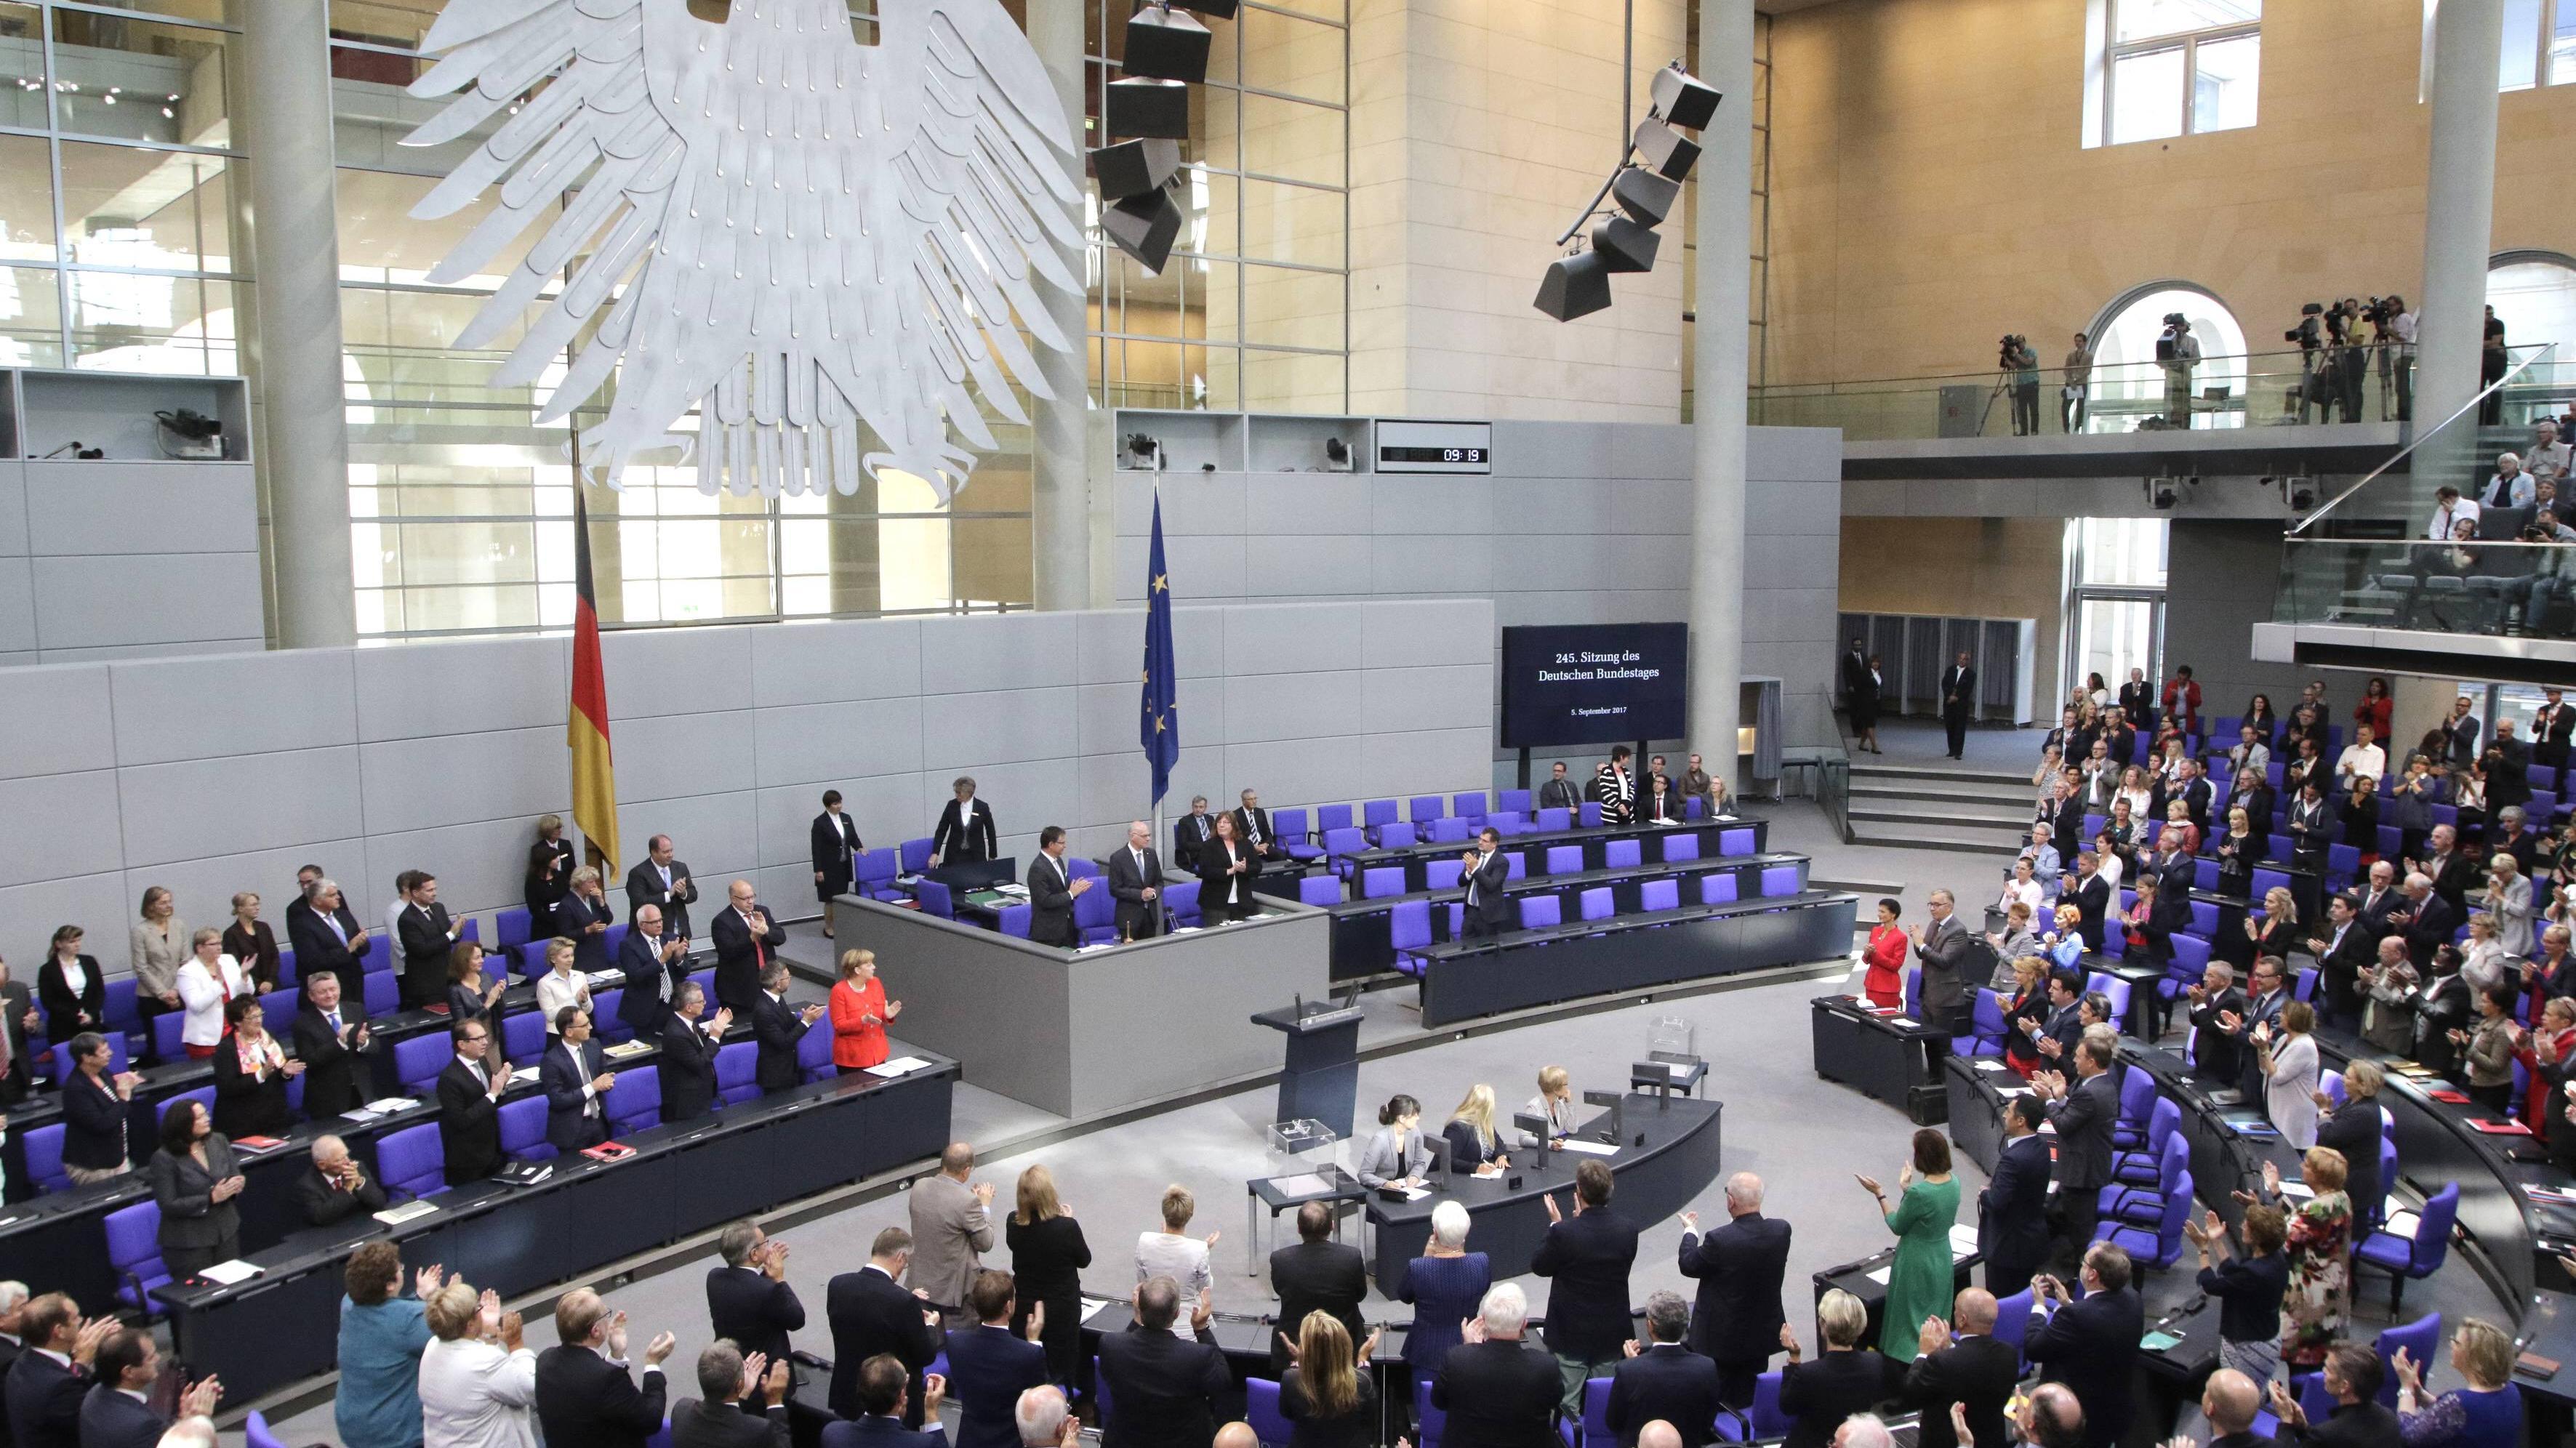 Laut Grundgesetz gibt es in Deutschland keine bundesweiten Volksentscheide, nur in seltenen Ausnahmesituationen wie einer Neugliederung des Bundesgebietes und einer neuen Verfassung. Ansonsten wählen wir Abgeordnete verschiedener Parteien, die unsere Interessen vertreten sollen.